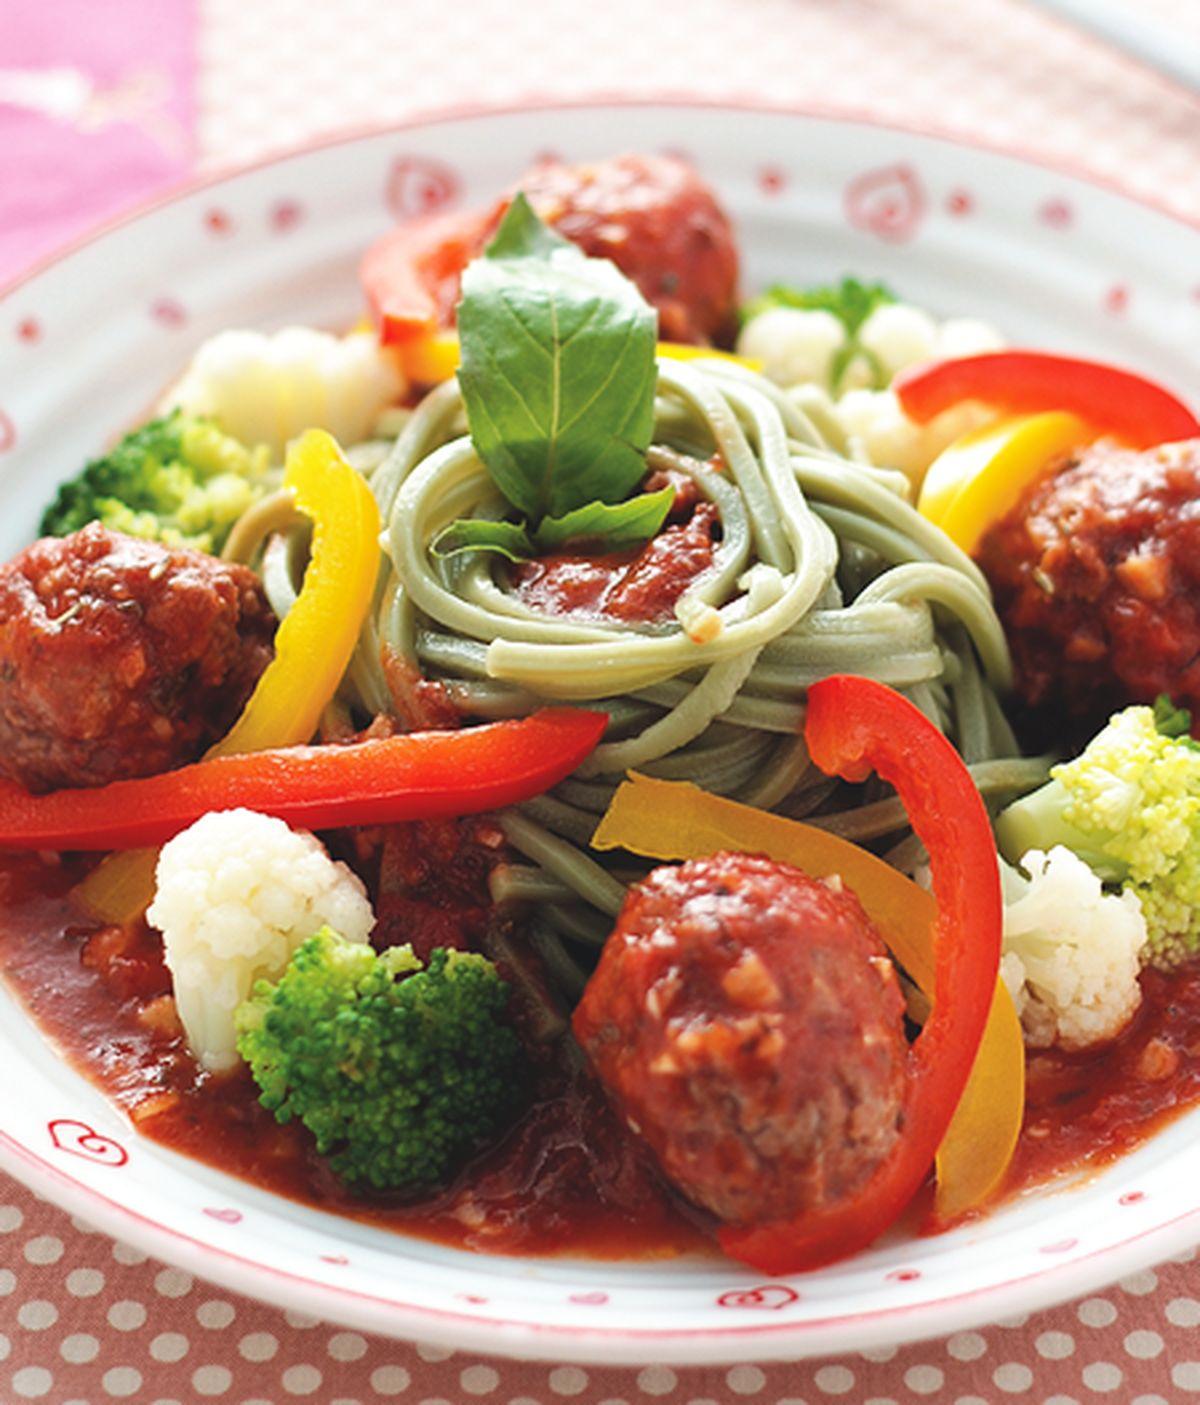 食譜:蔬菜牛肉丸綠藻麵